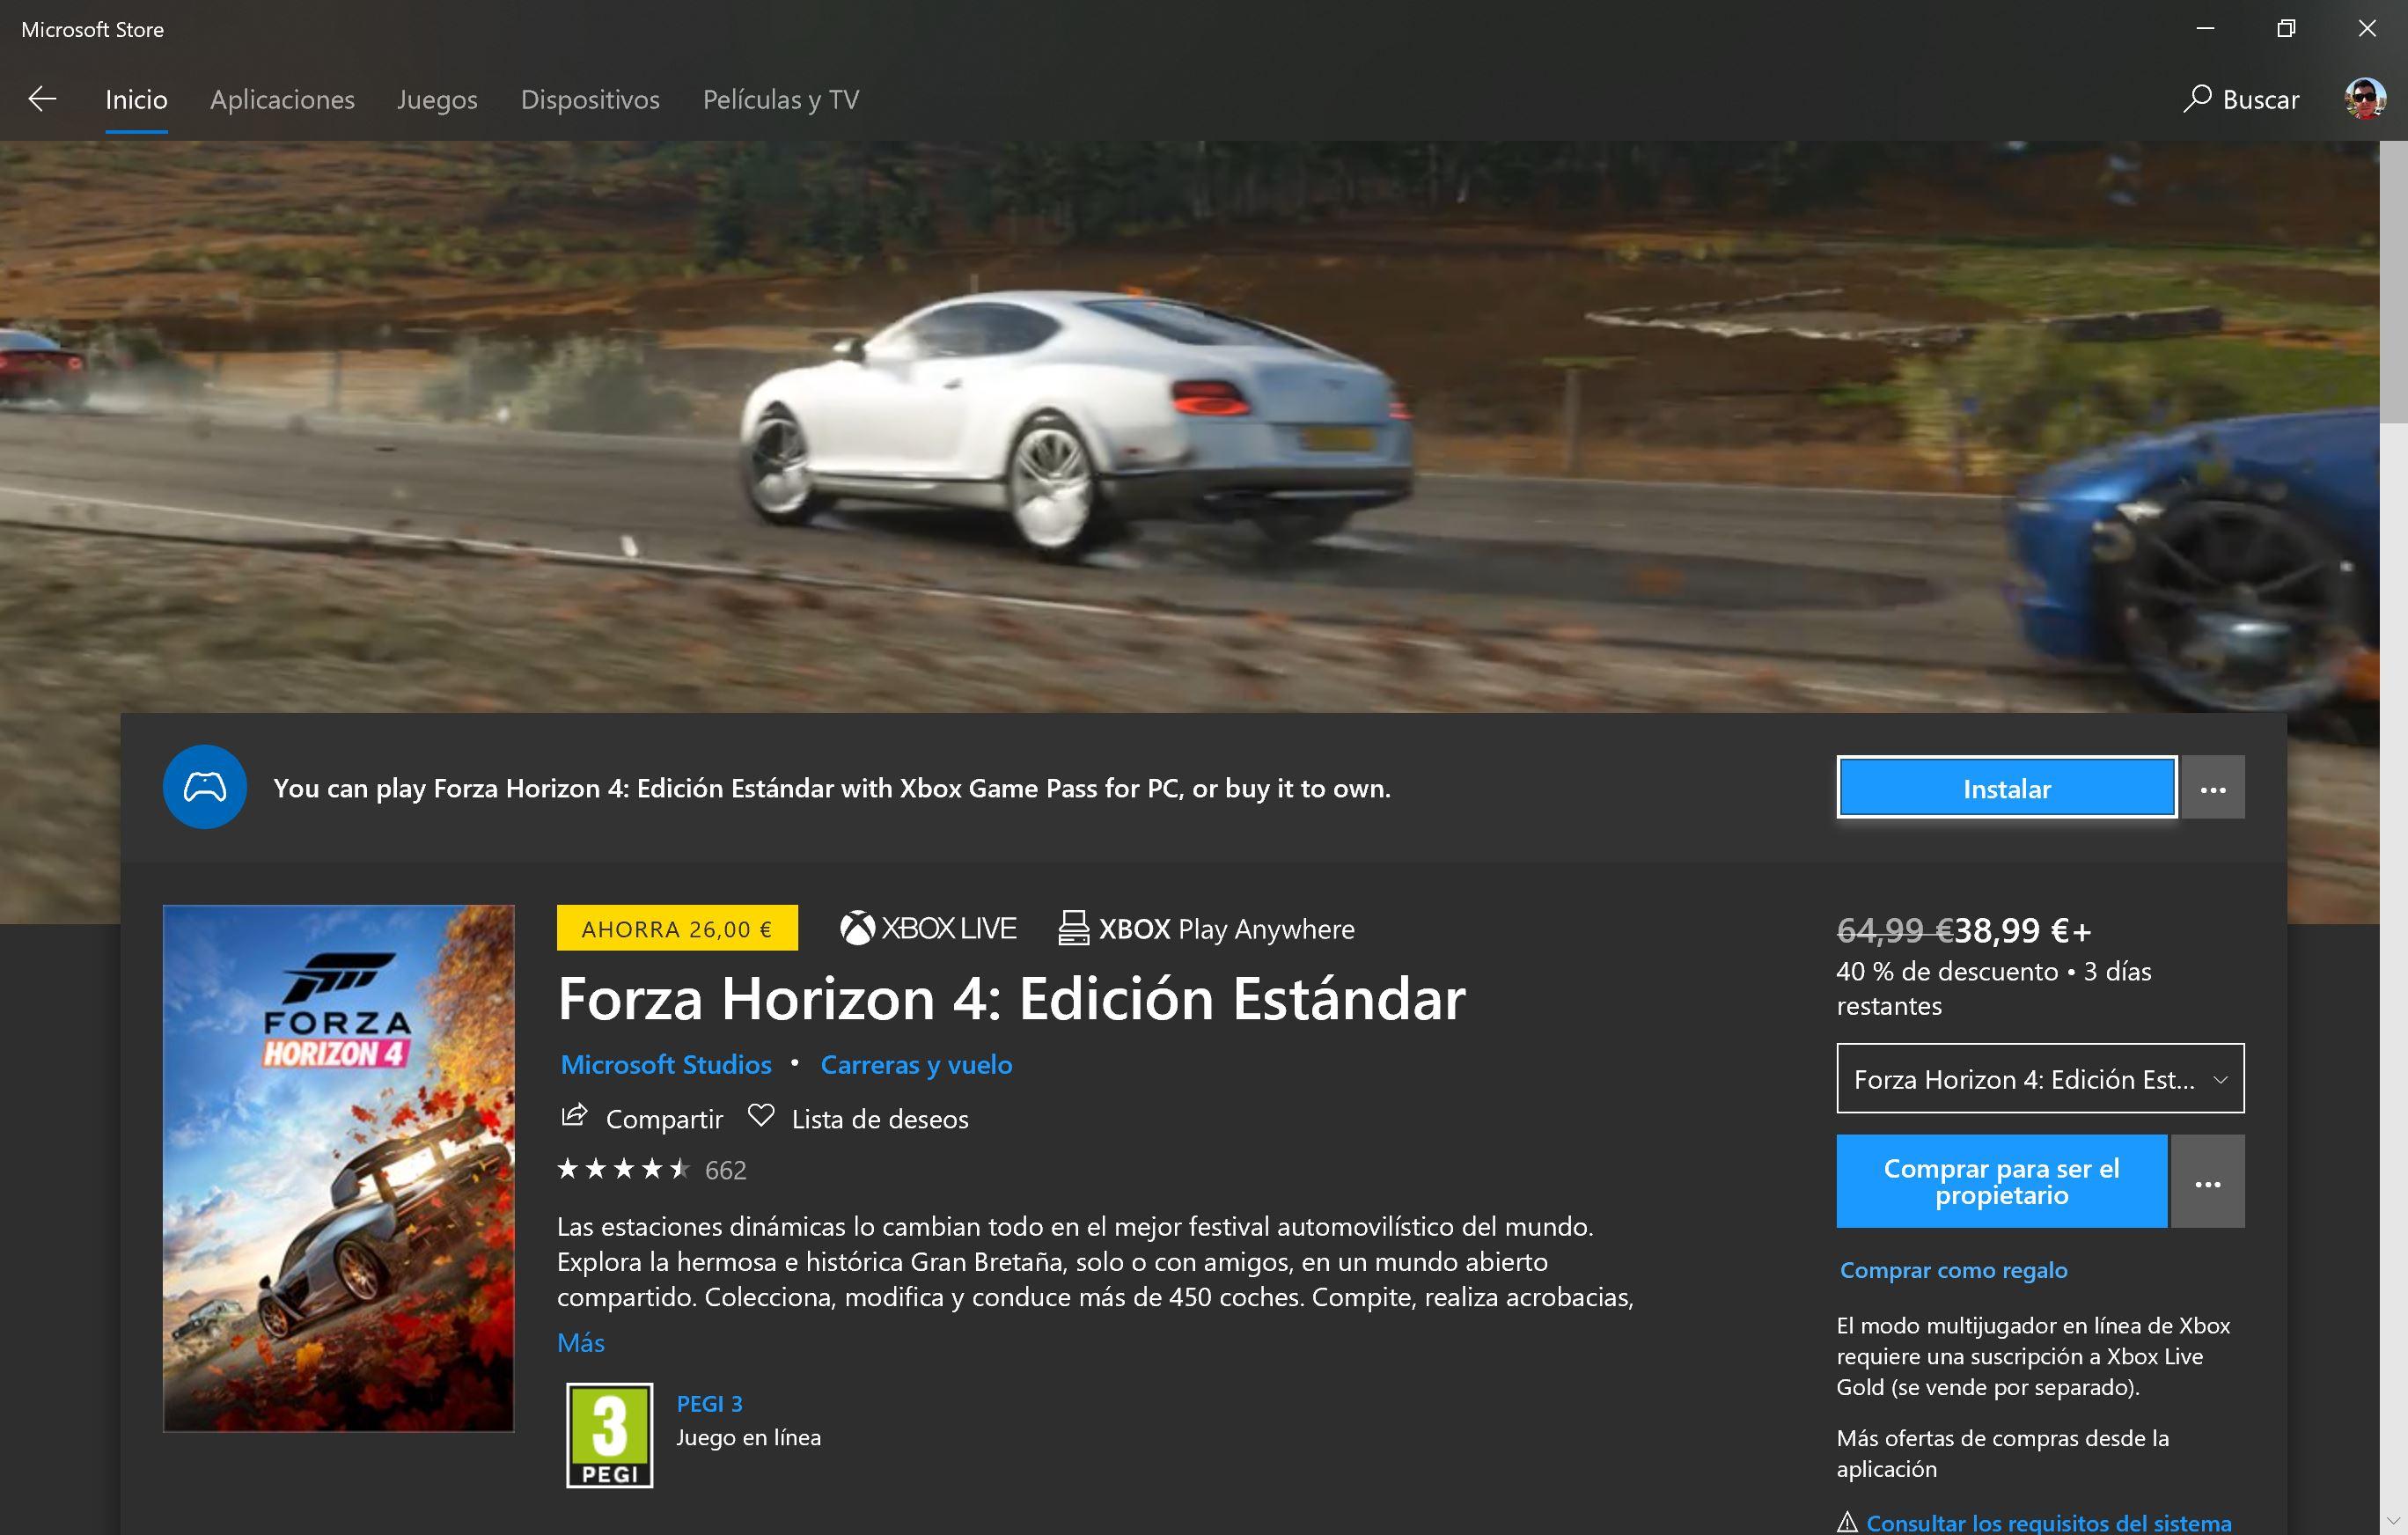 Forza Horizon 4 en la Microsoft Store